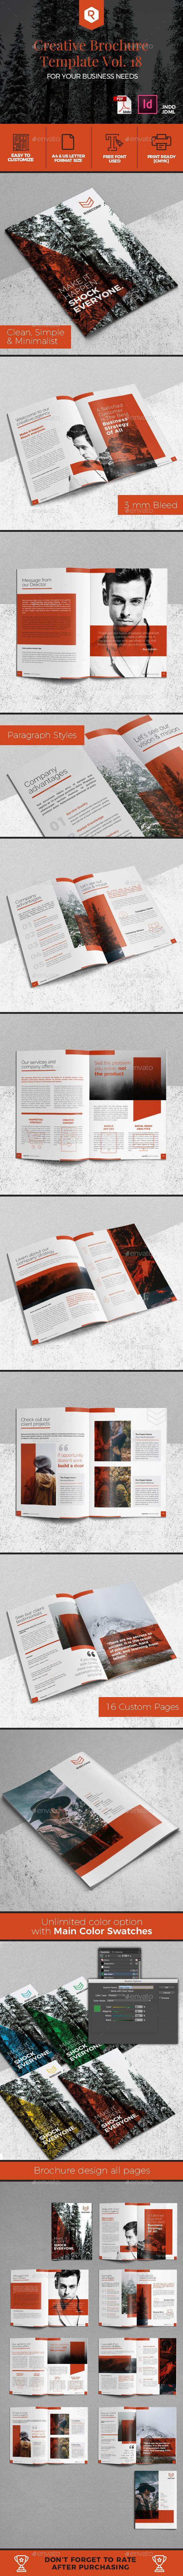 Creative Brochure Template Vol. 18 - Corporate #Brochures Download here: https://graphicriver.net/item/creative-brochure-template-vol-18/20031758?ref=alena994